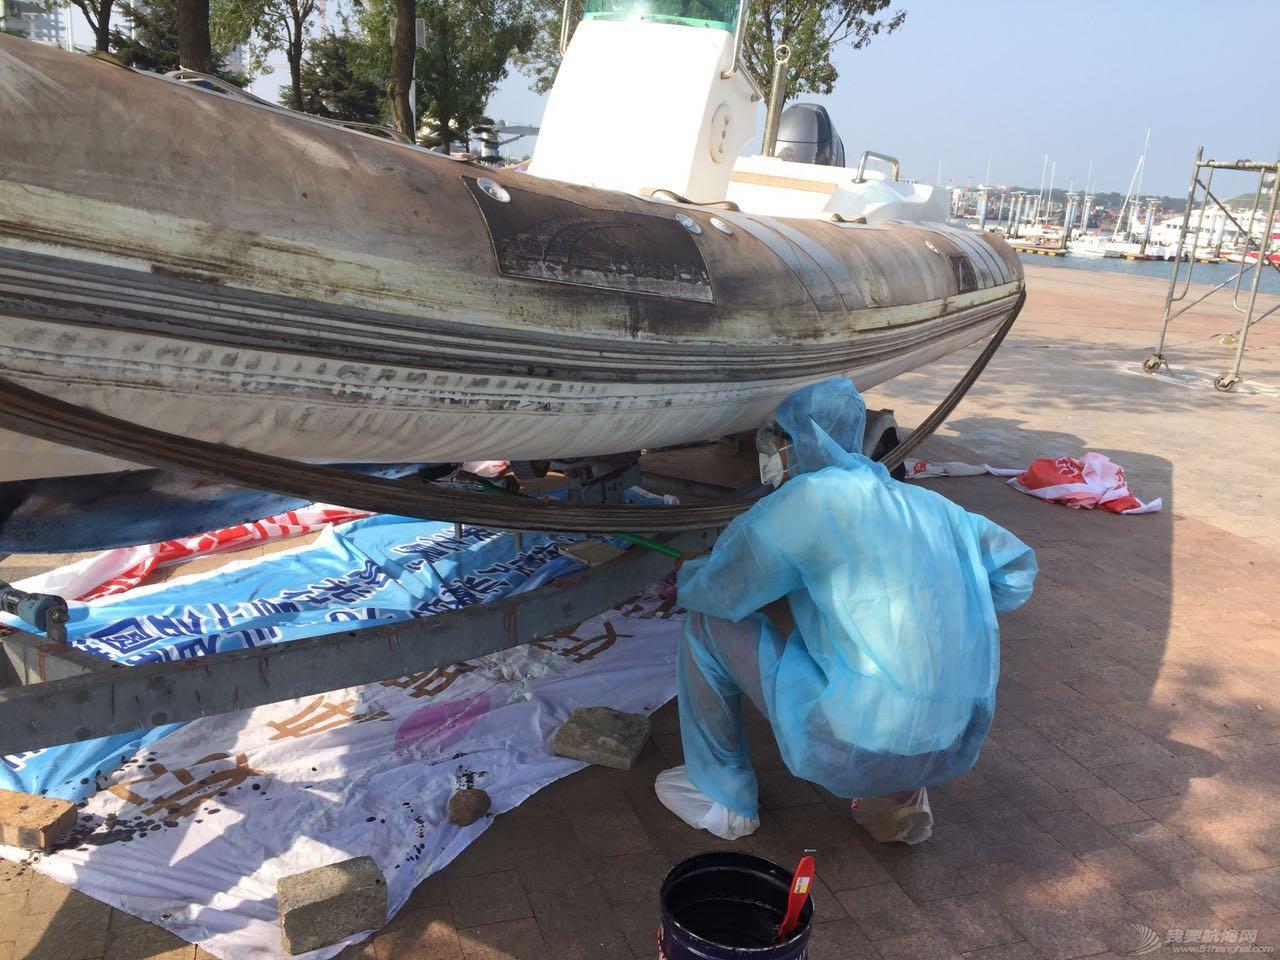 【公益航海志愿者日记@日照】Day34-小别两日返回日照。今日刷船底漆,安装桅杆 1.jpg